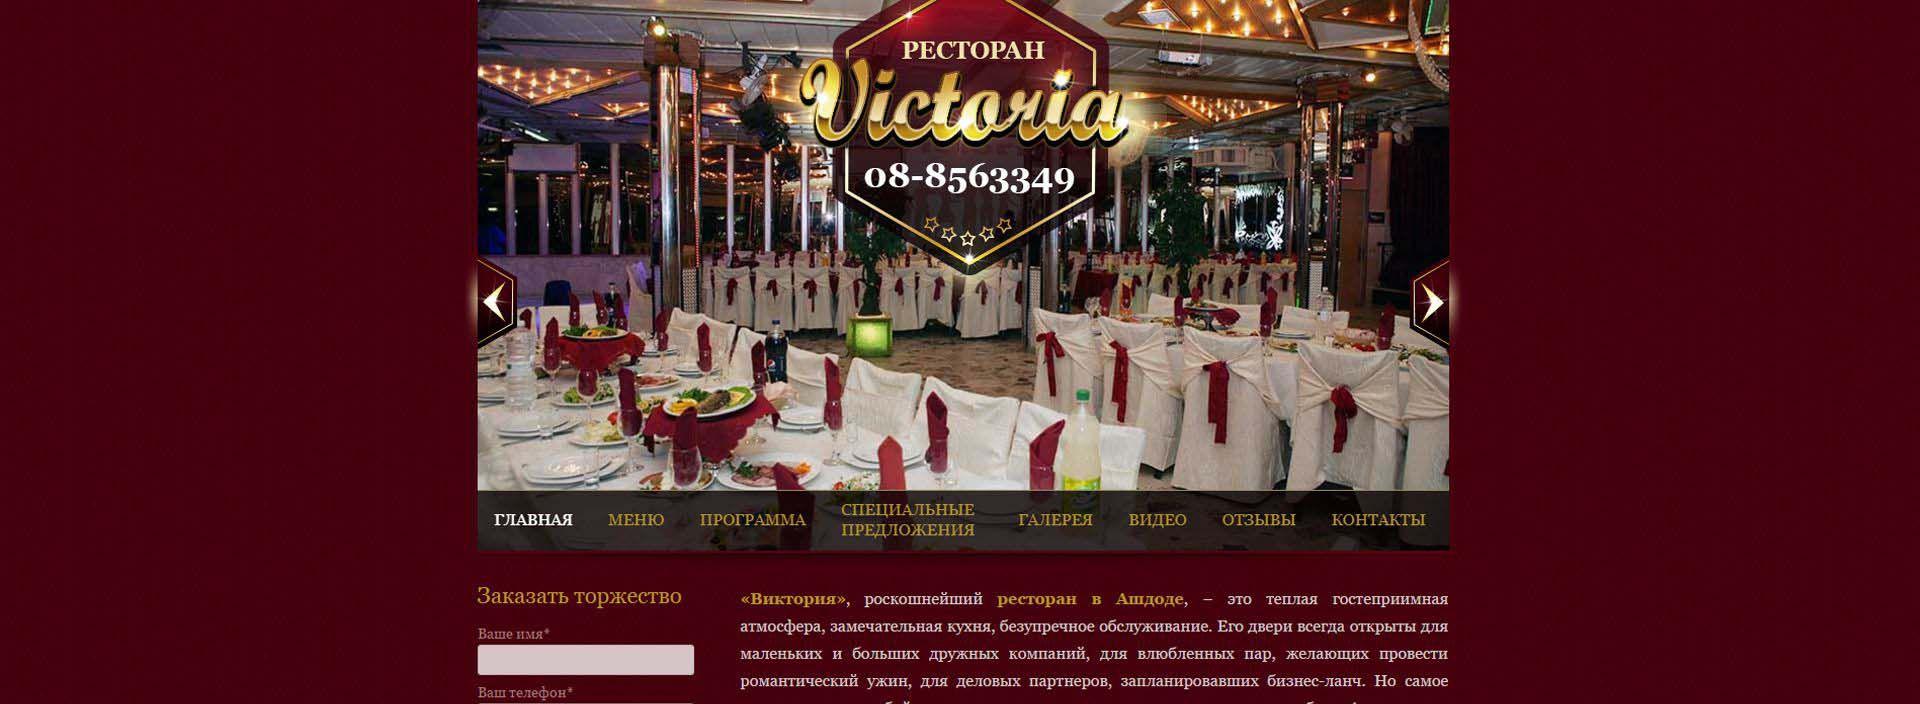 victoriarest.co.il